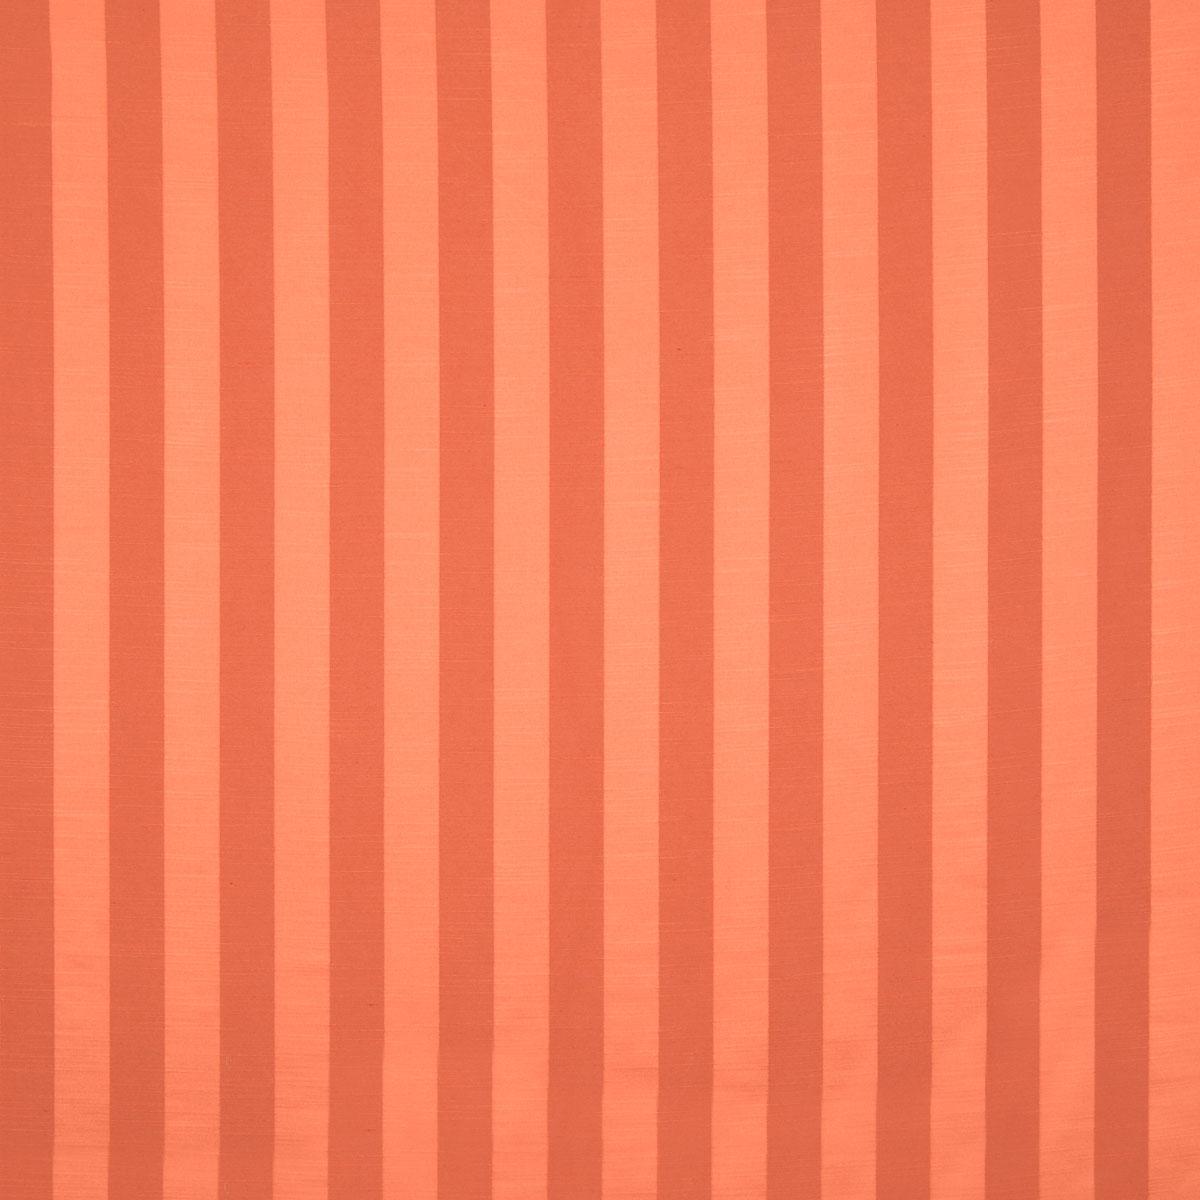 Spice Ascot Stripe Curtain Fabric